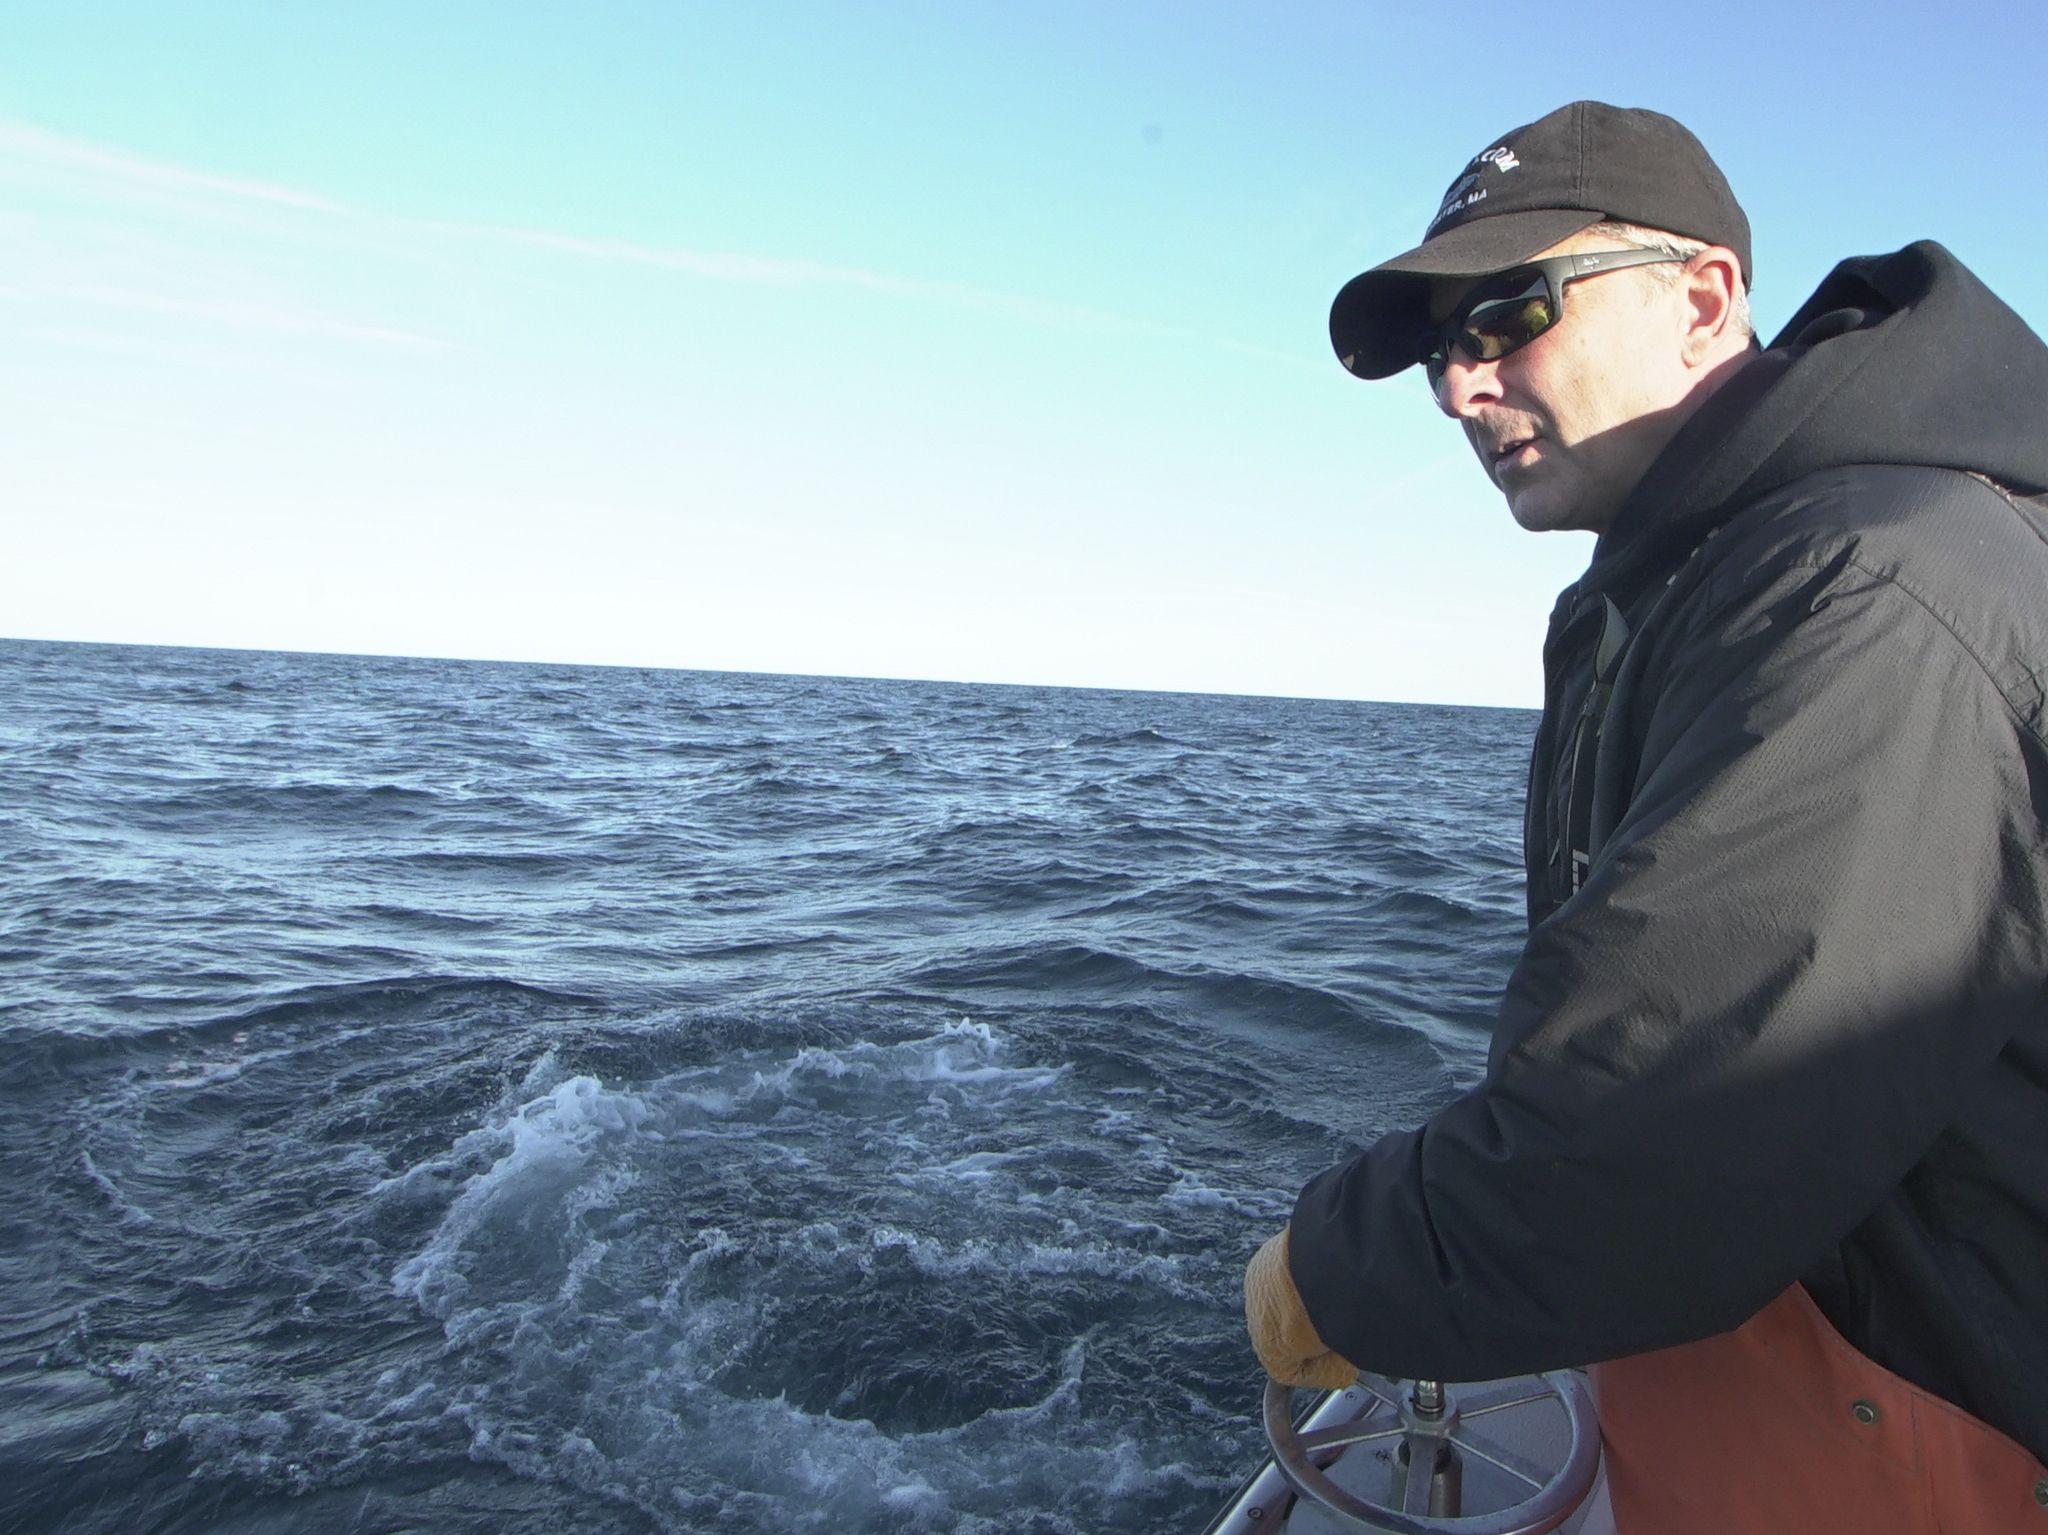 القبطان ديف كاررارو خلف عجلة القيادة. هذه الصورة من... [Photo of the day - نوفمبر 2020]